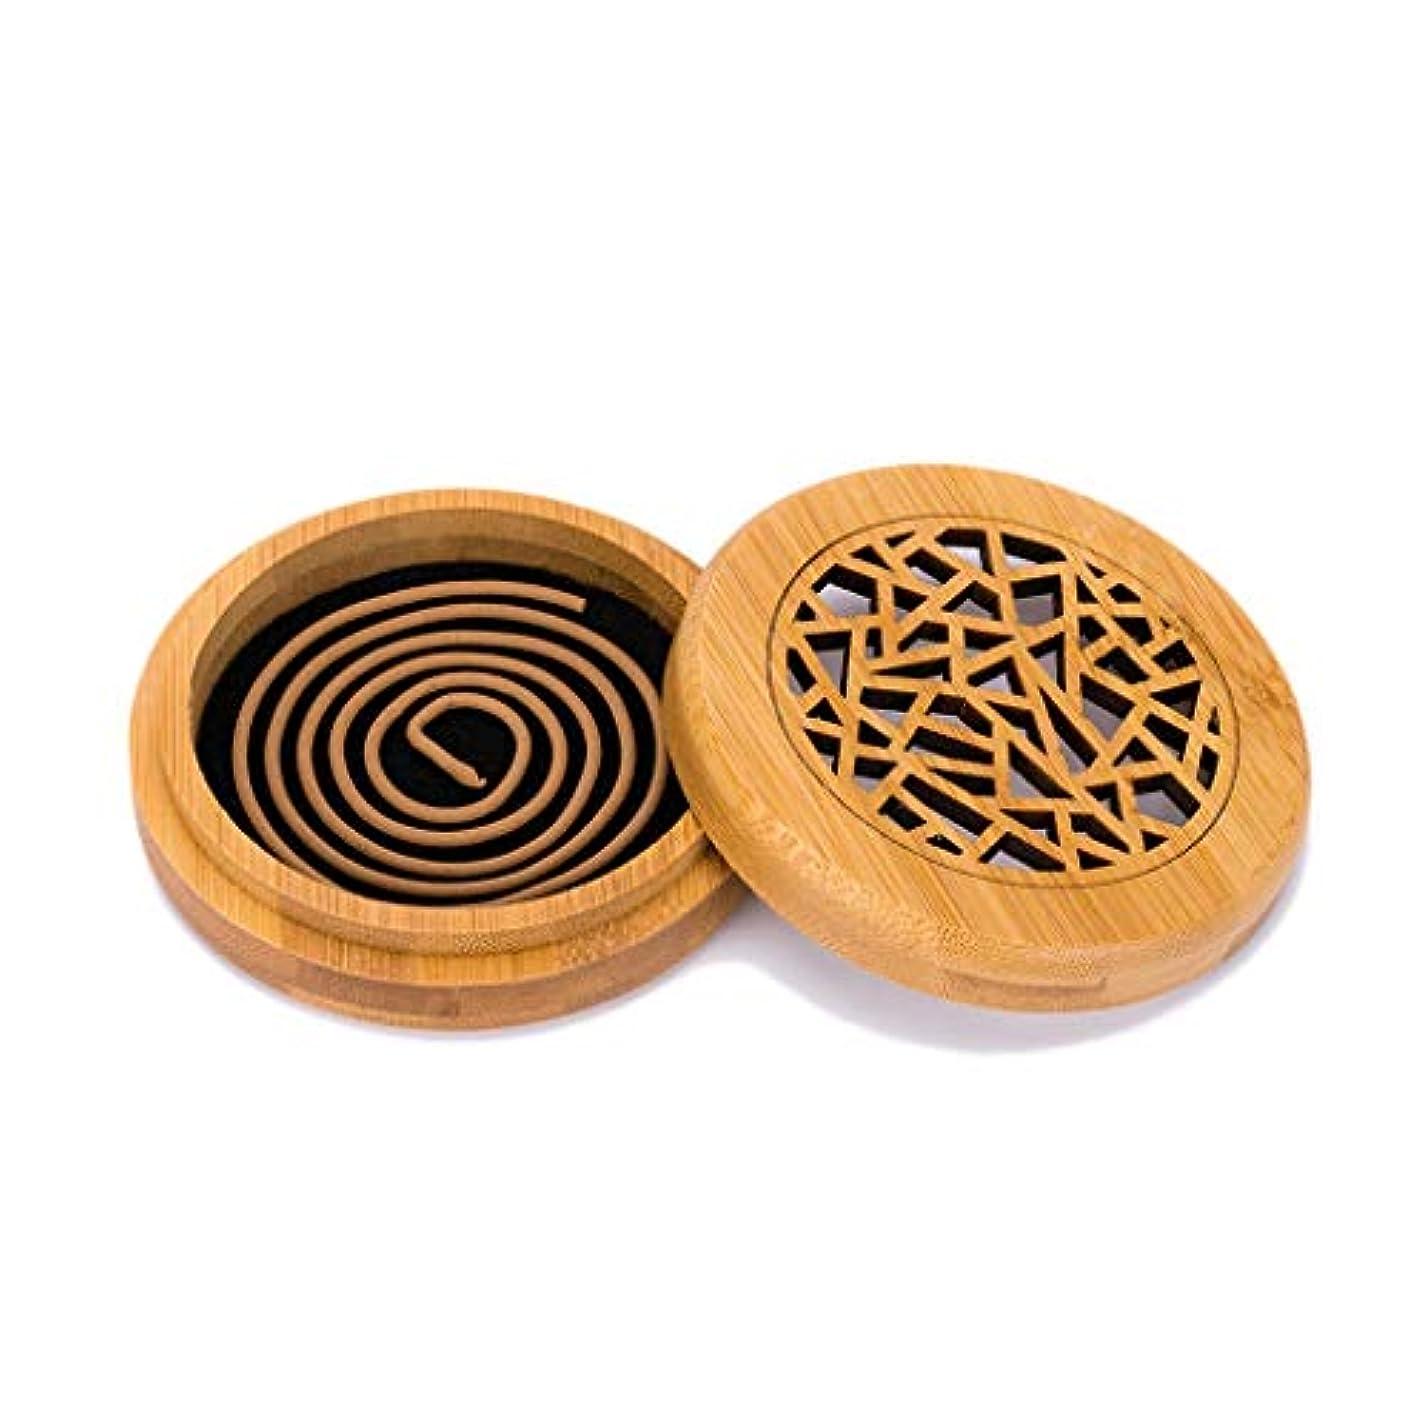 竹の香バーナーコイルの香バーナー部屋の装飾瞑想竹の香り天然素材香ホルダー (Color : WOOD, サイズ : Round)